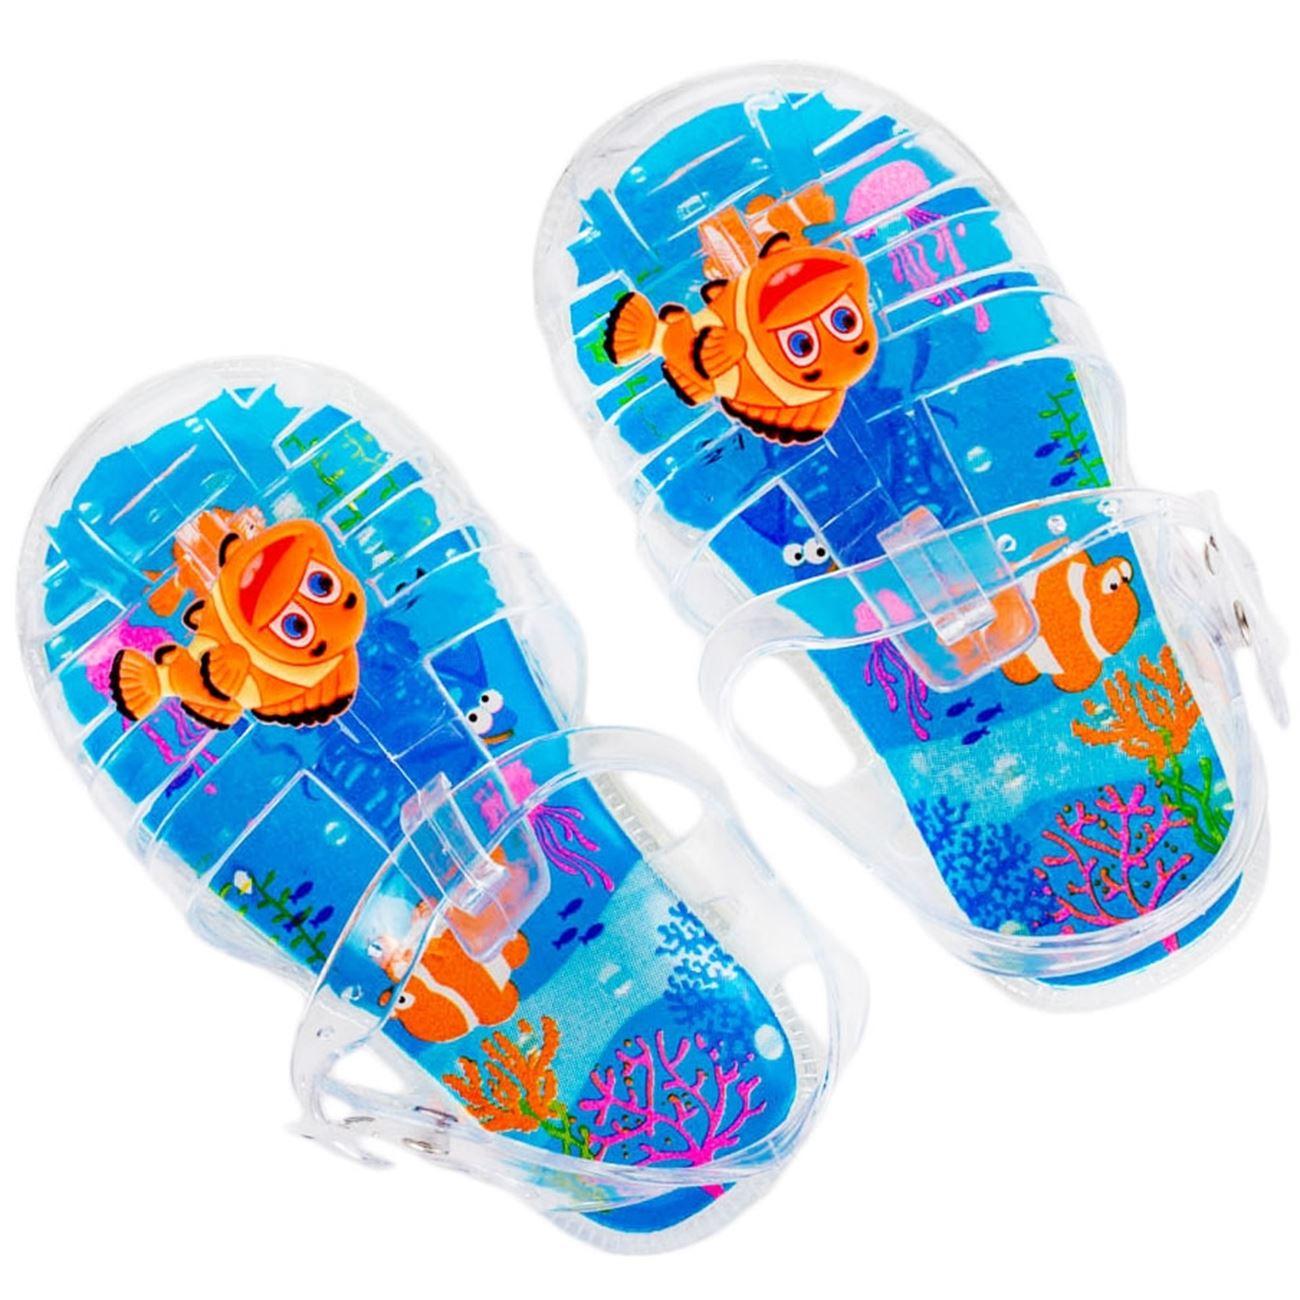 b67cbd0743d Παπούτσια Θαλάσσης Παιδικά < Παπούτσια Θαλάσσης Preschool για Αγόρια | Jumbo